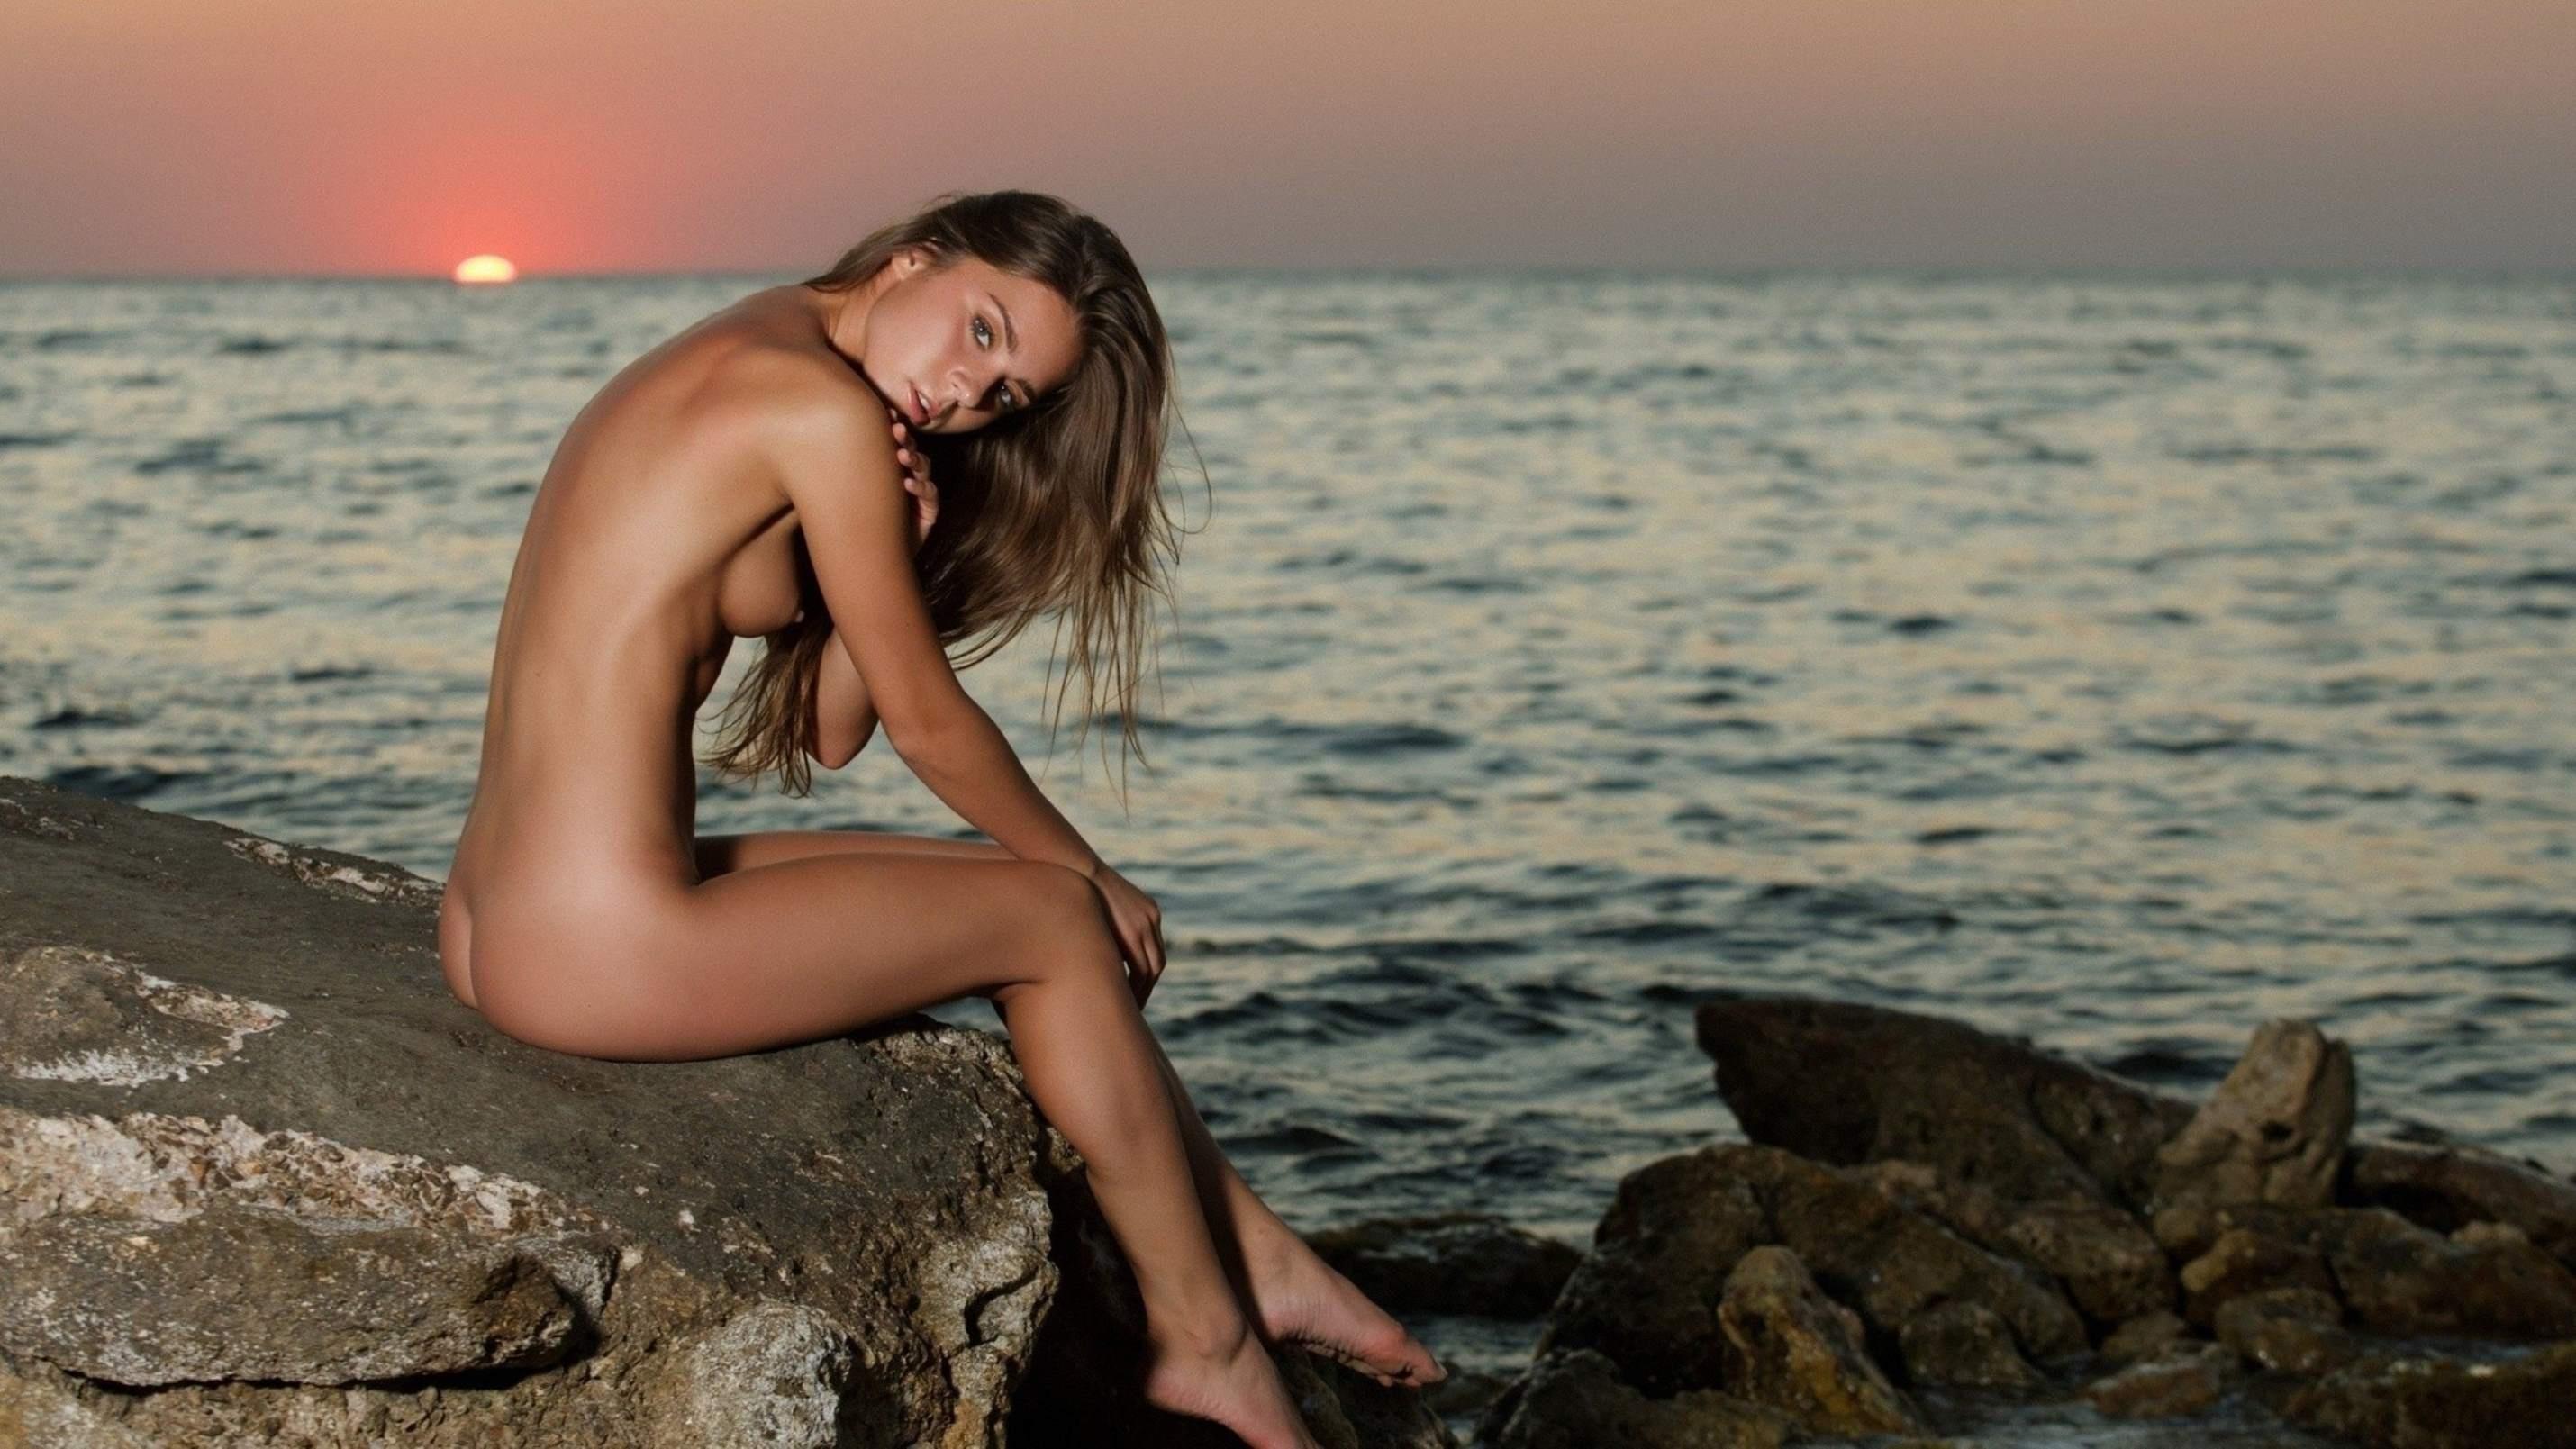 Фото девушек голые на камнях 10 фотография